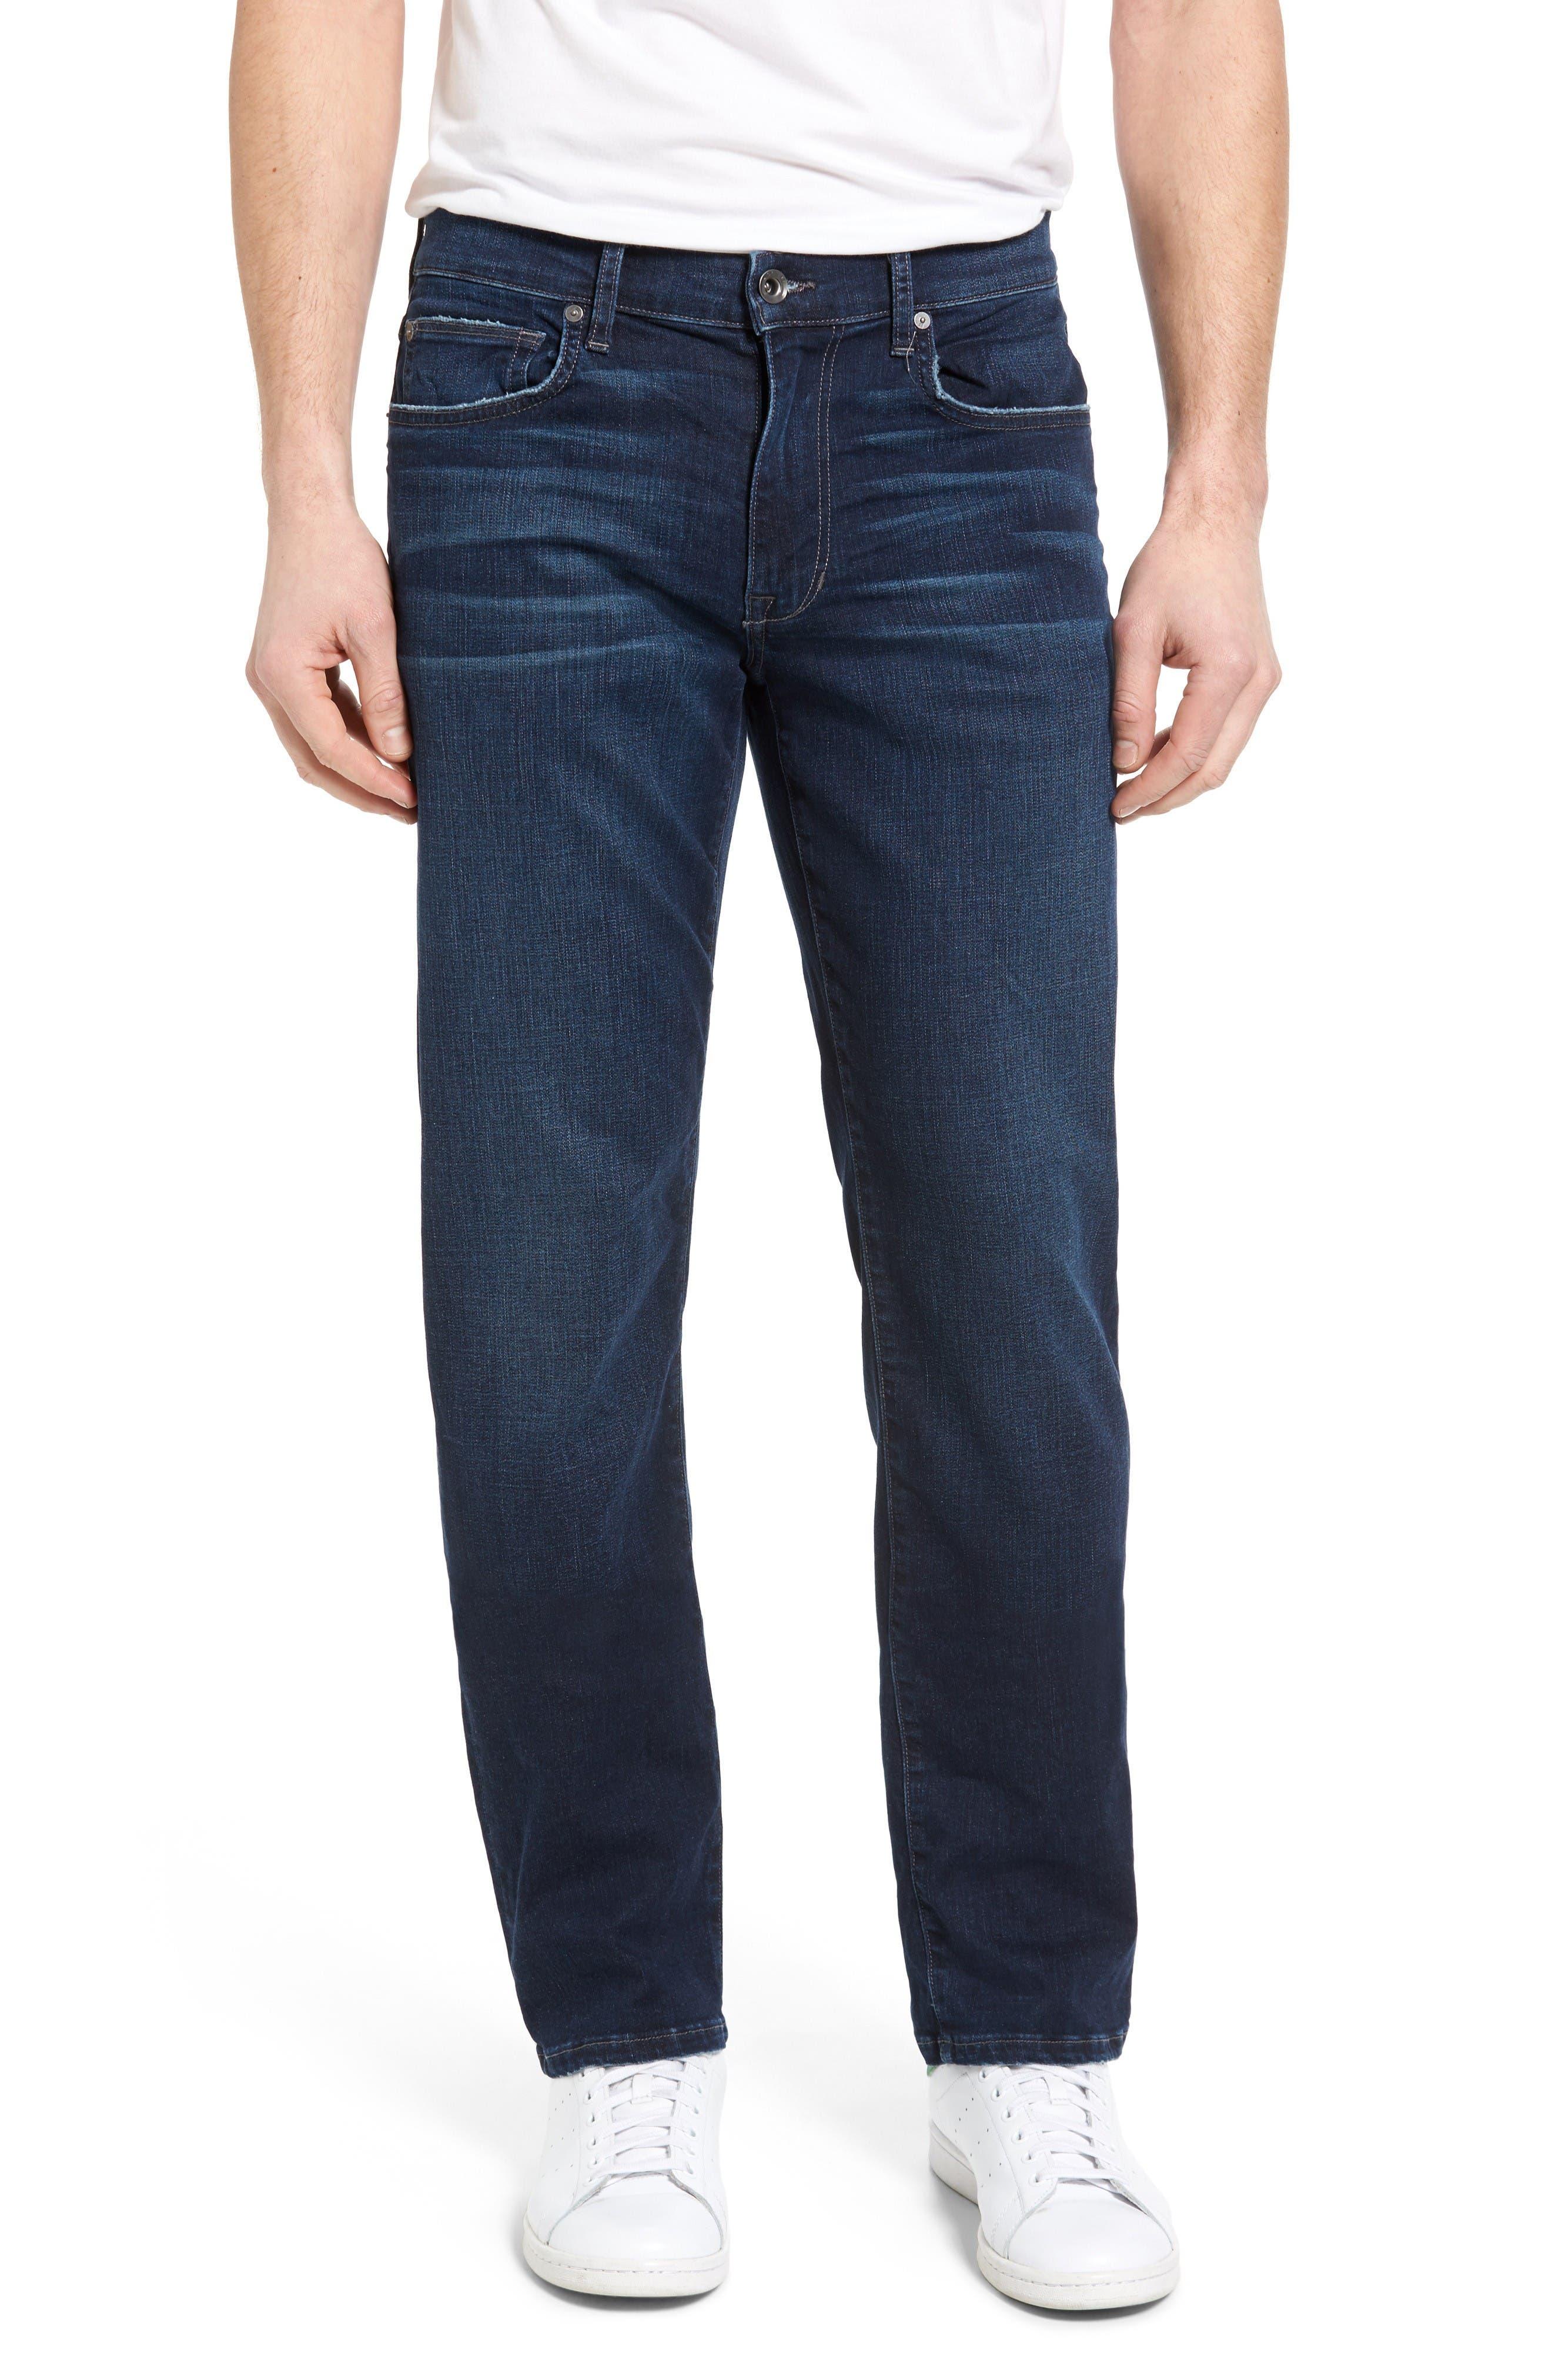 Brixton Kinetic Slim Straight Leg Jeans,                         Main,                         color, Aedan